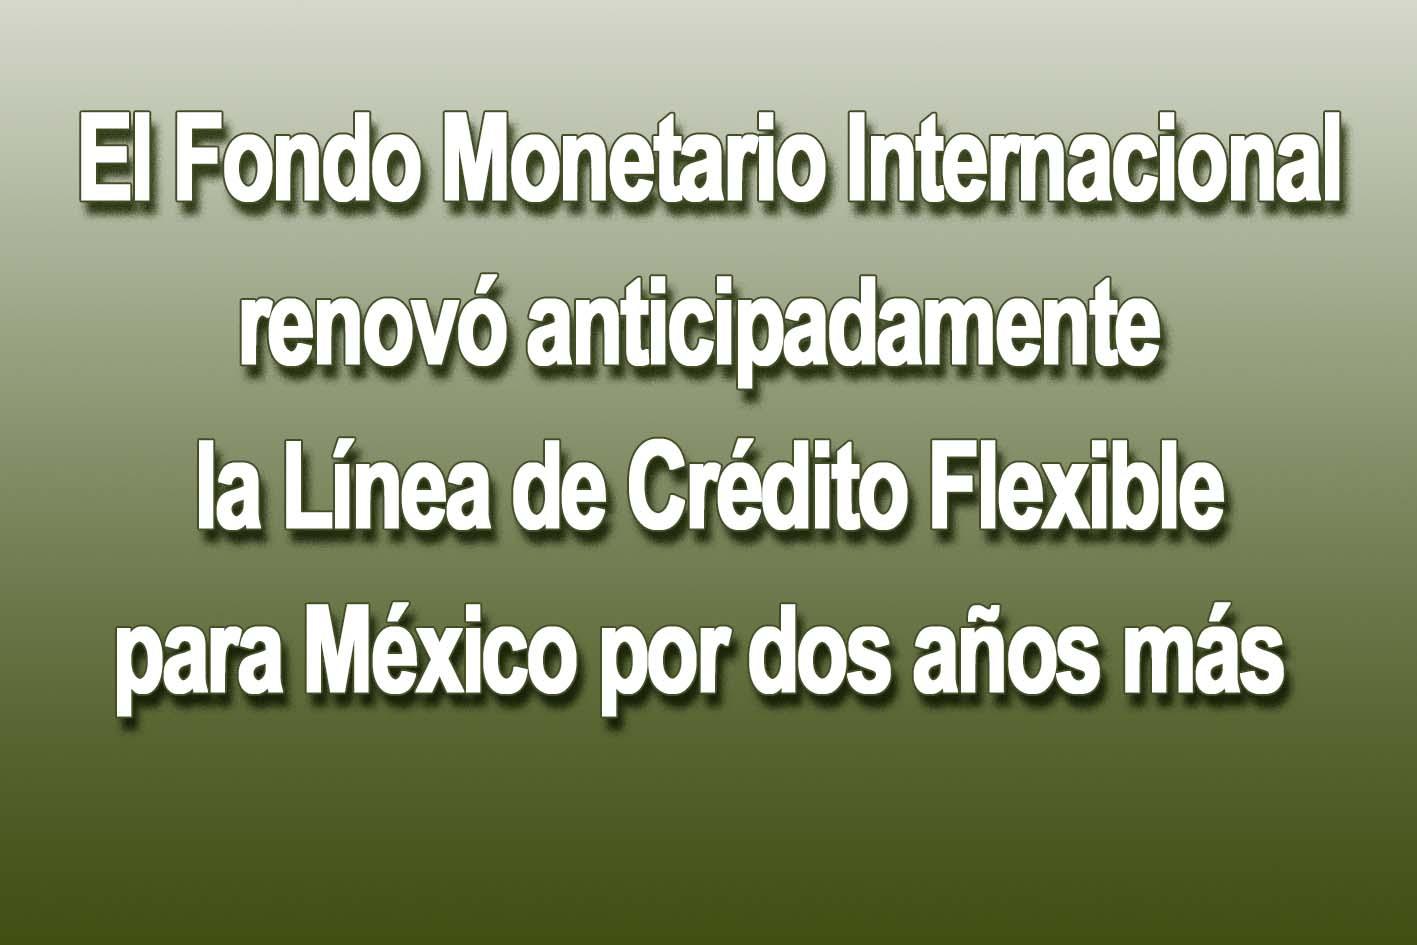 Photo of El Fondo Monetario Internacional renovó anticipadamente la Línea de Crédito Flexible para México por dos años más